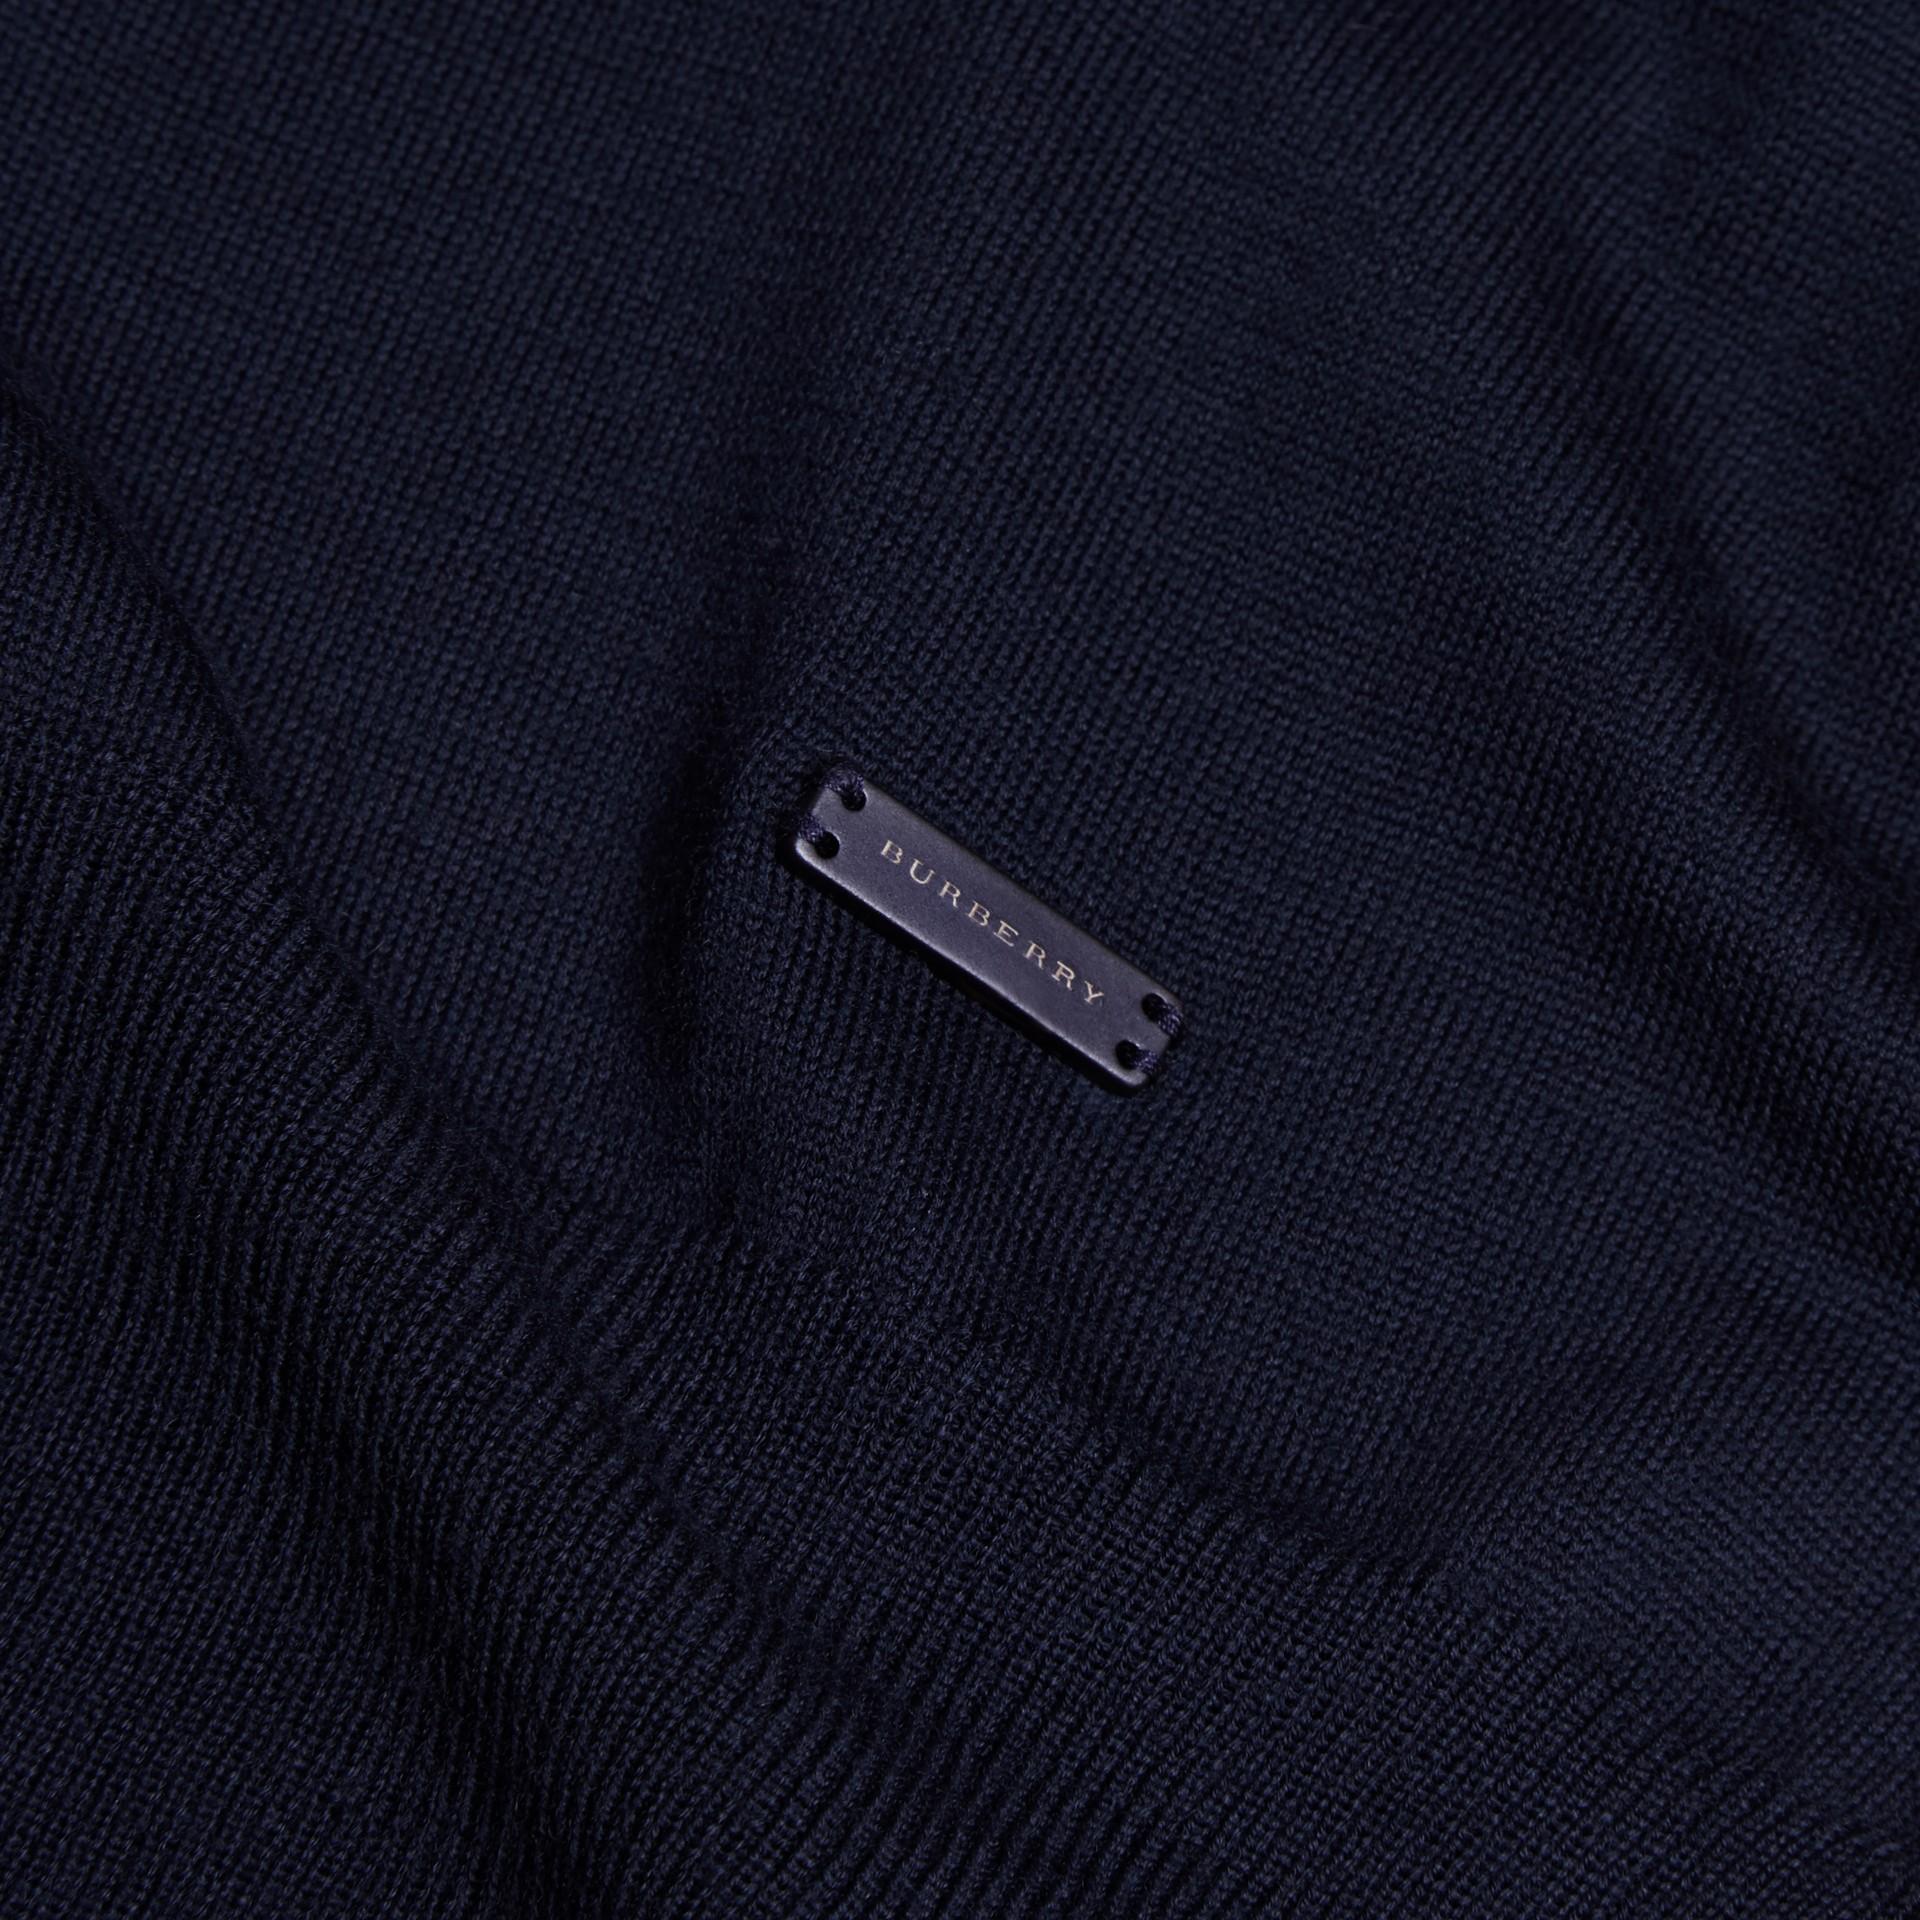 Marineblau Rollkragenpullover aus Merinowolle Marineblau - Galerie-Bild 2